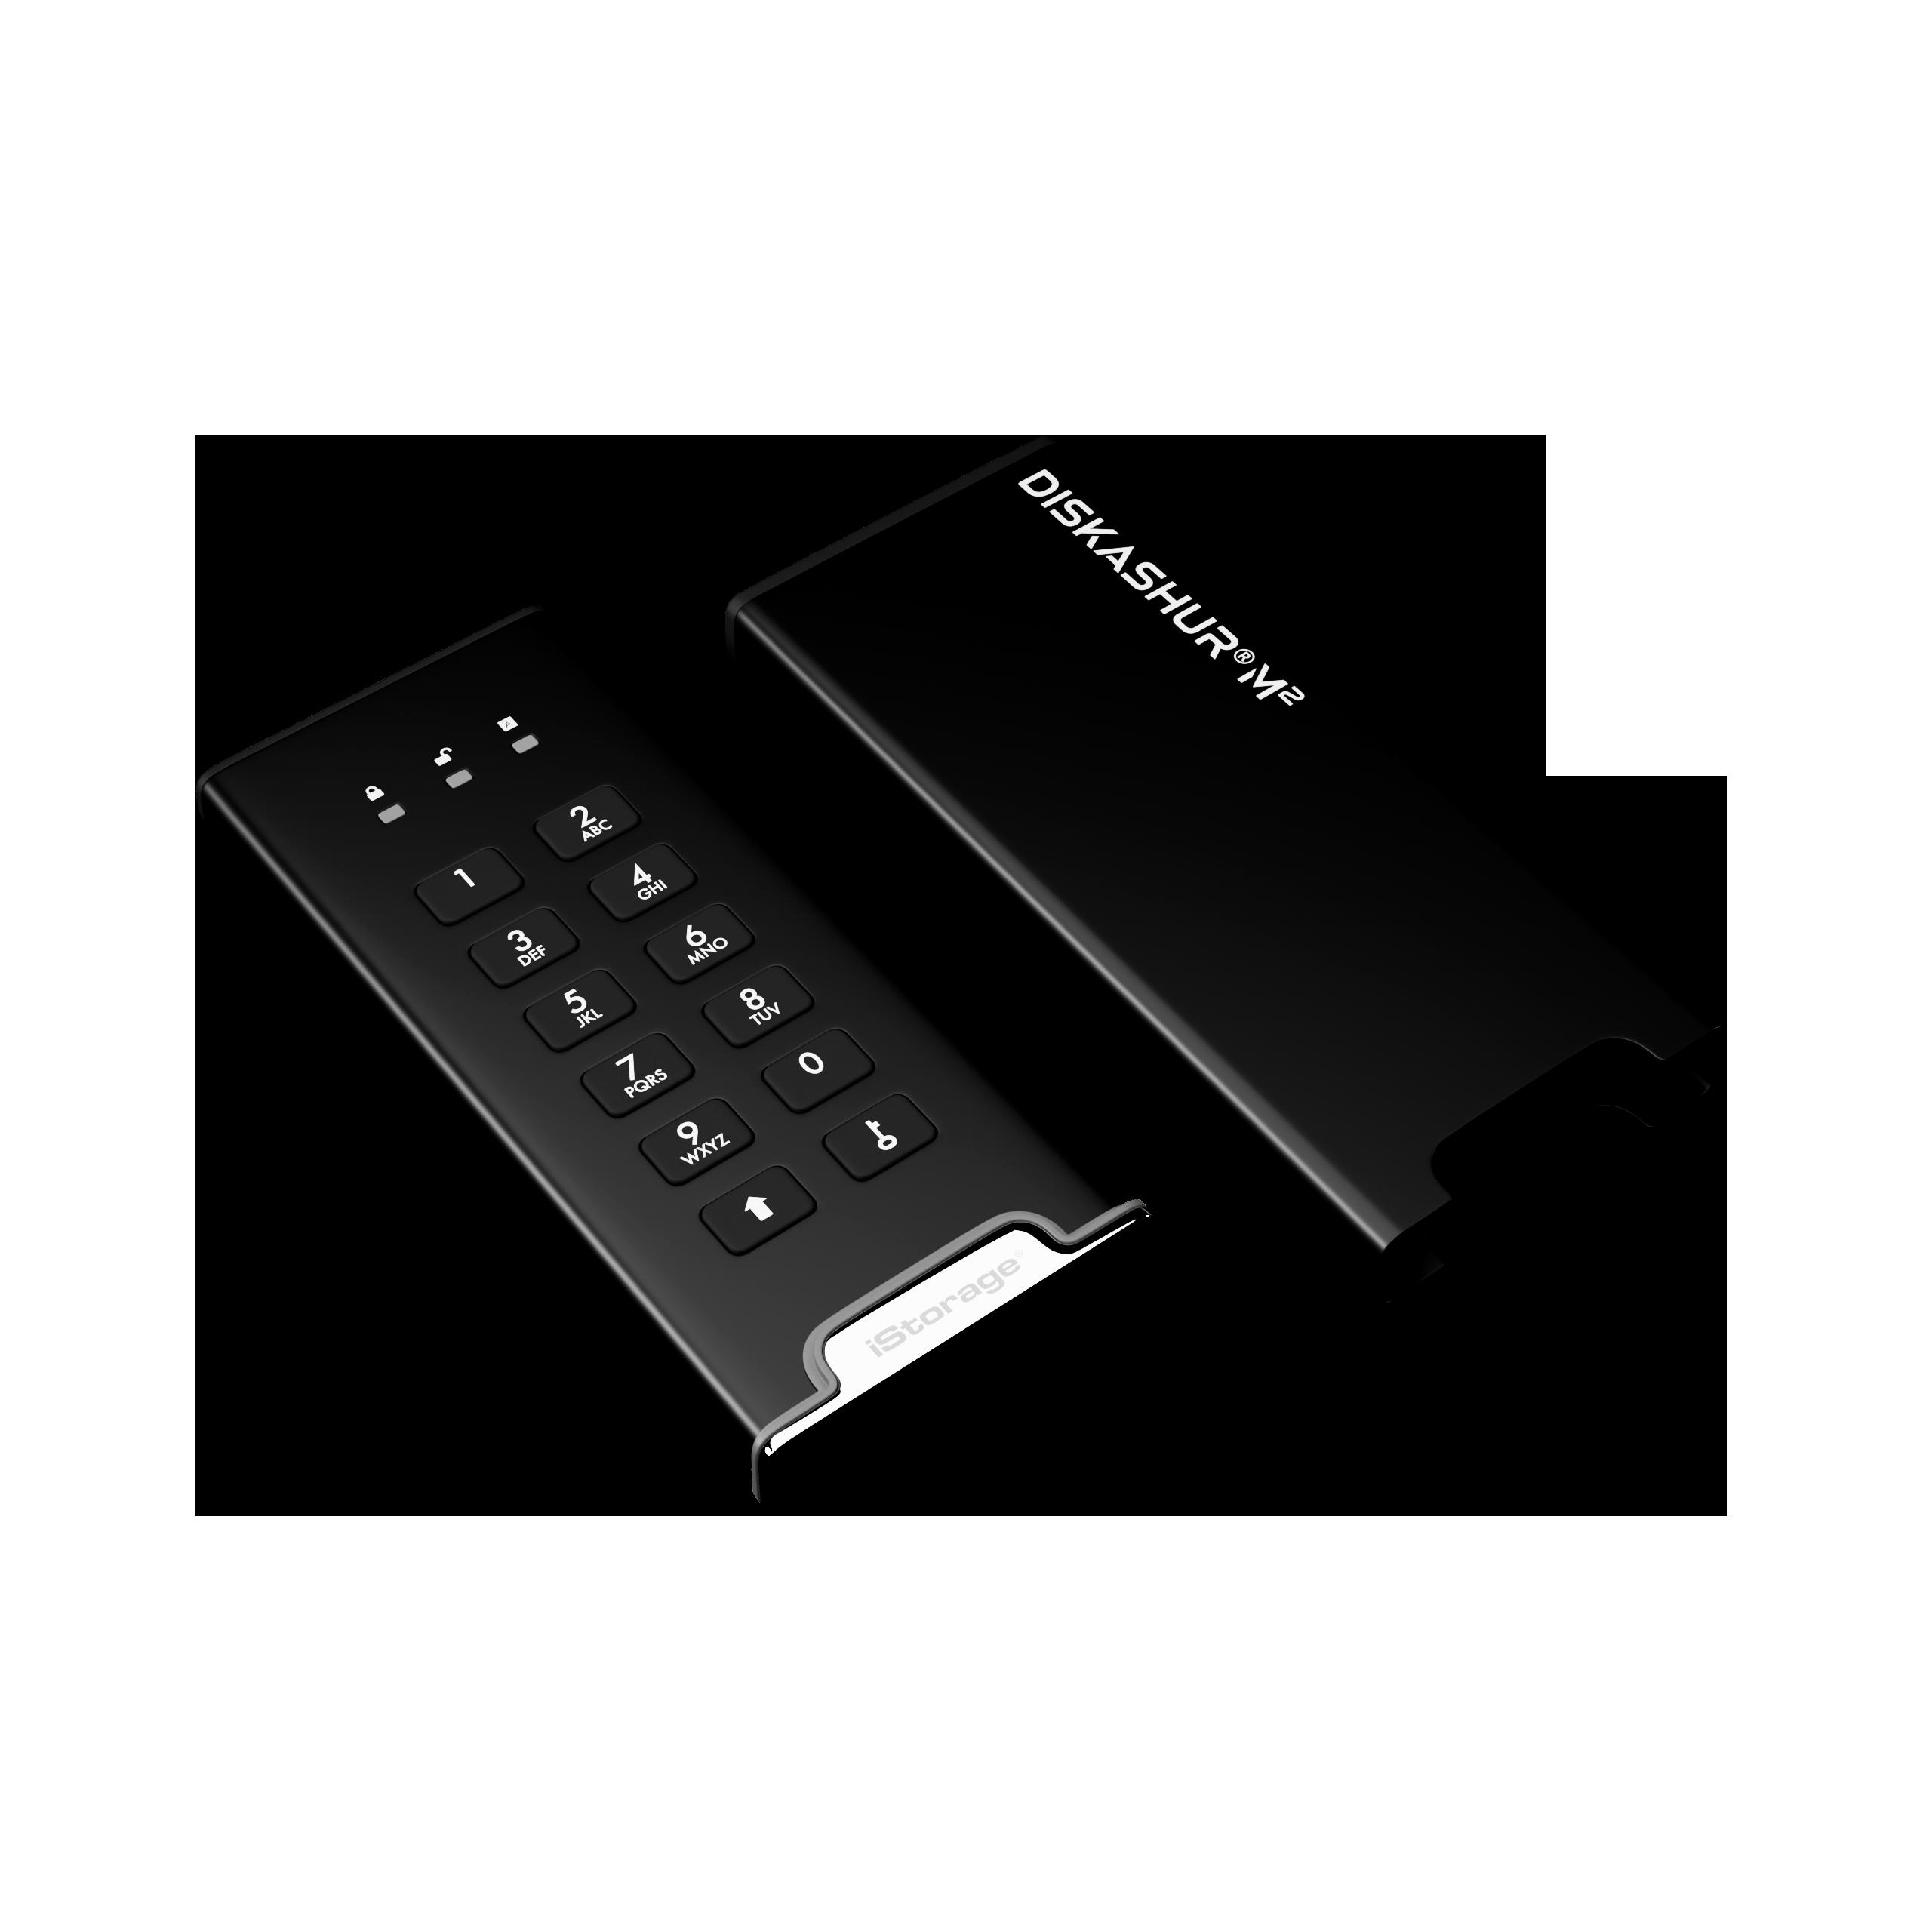 Unit/à SSD portatile USB 3.2 autenticata con PIN con crittografia hardware ultra veloce compatibile con FIPS iStorage diskAshur M2 1TB robusto e portatile.